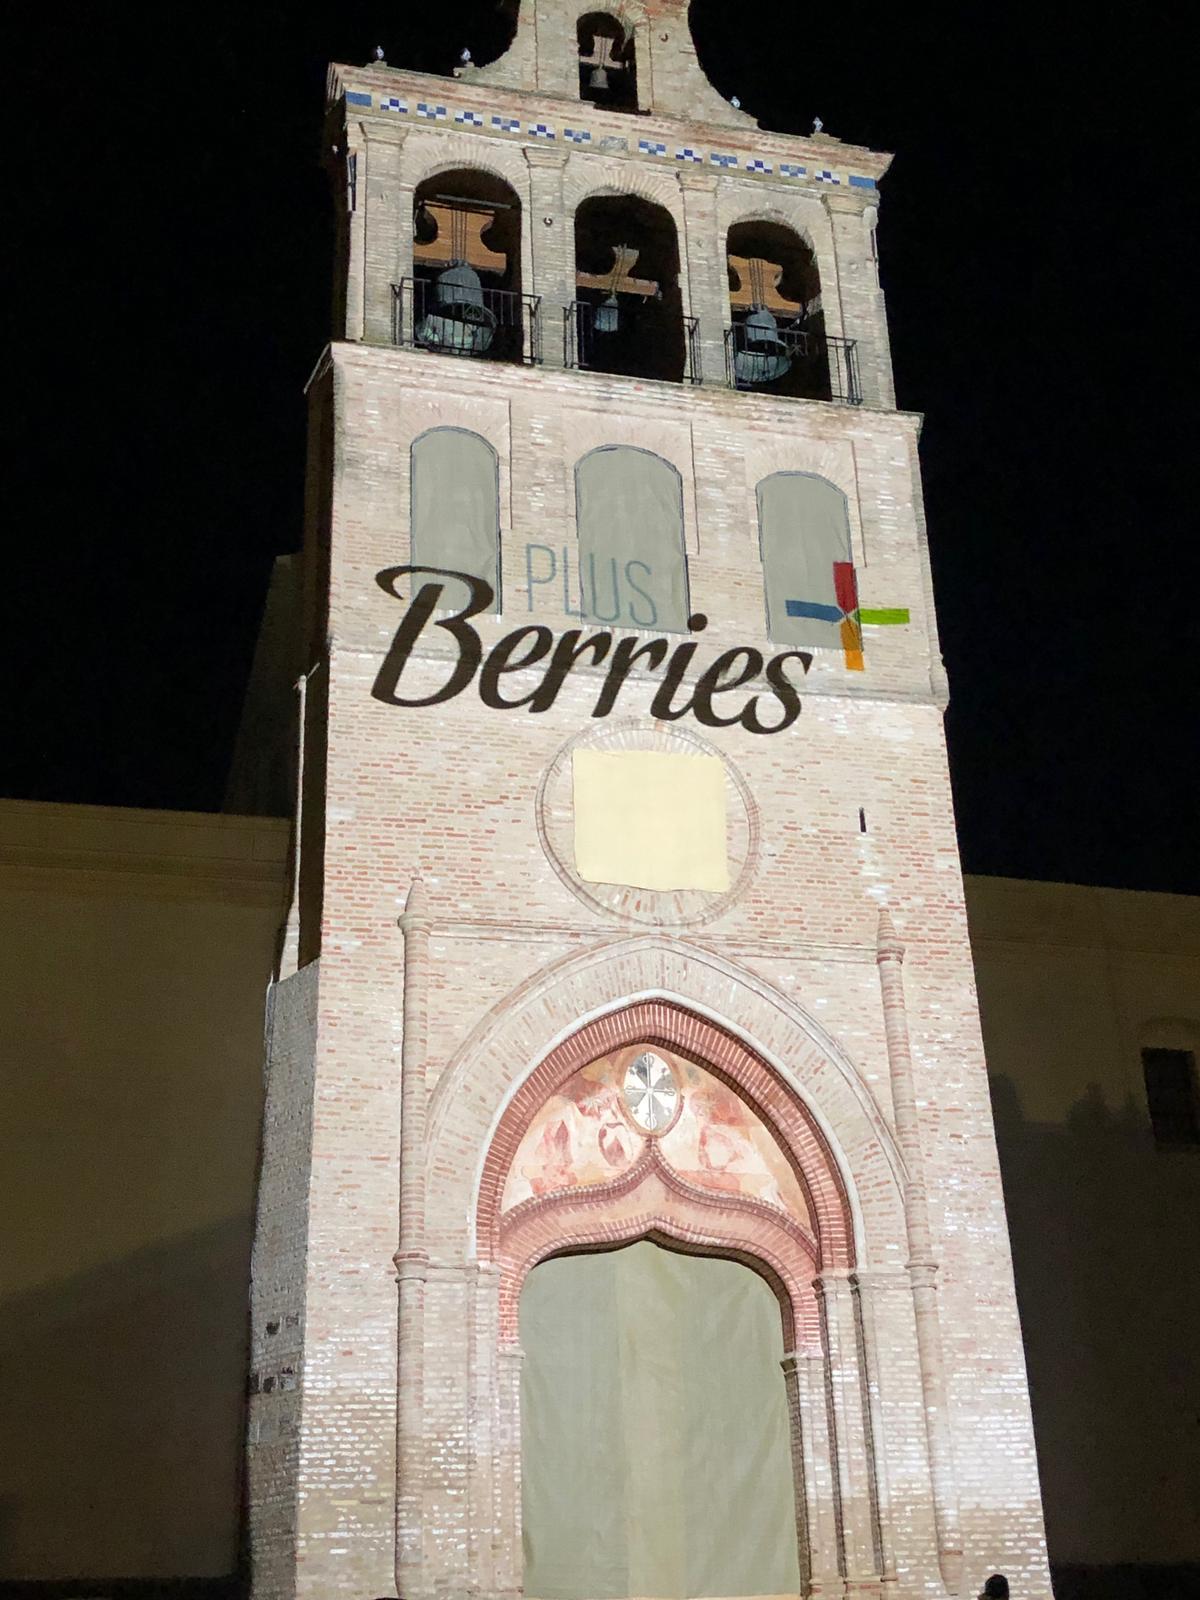 PLUS BERRIES ADELANTA LAS CAMPANADAS CON LAS BERRIES DE LA SUERTE